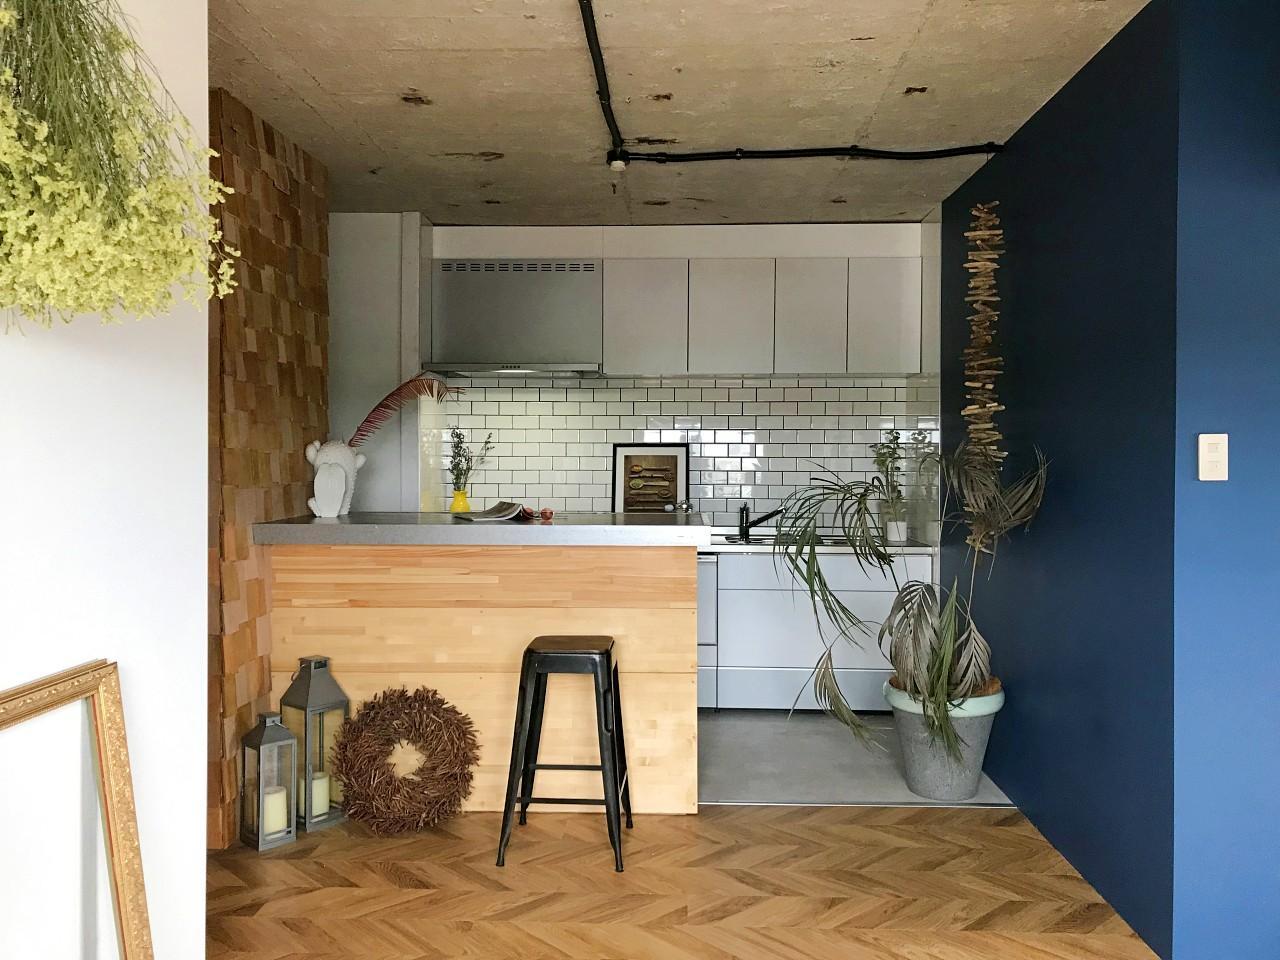 カウンターを造作されたキッチン